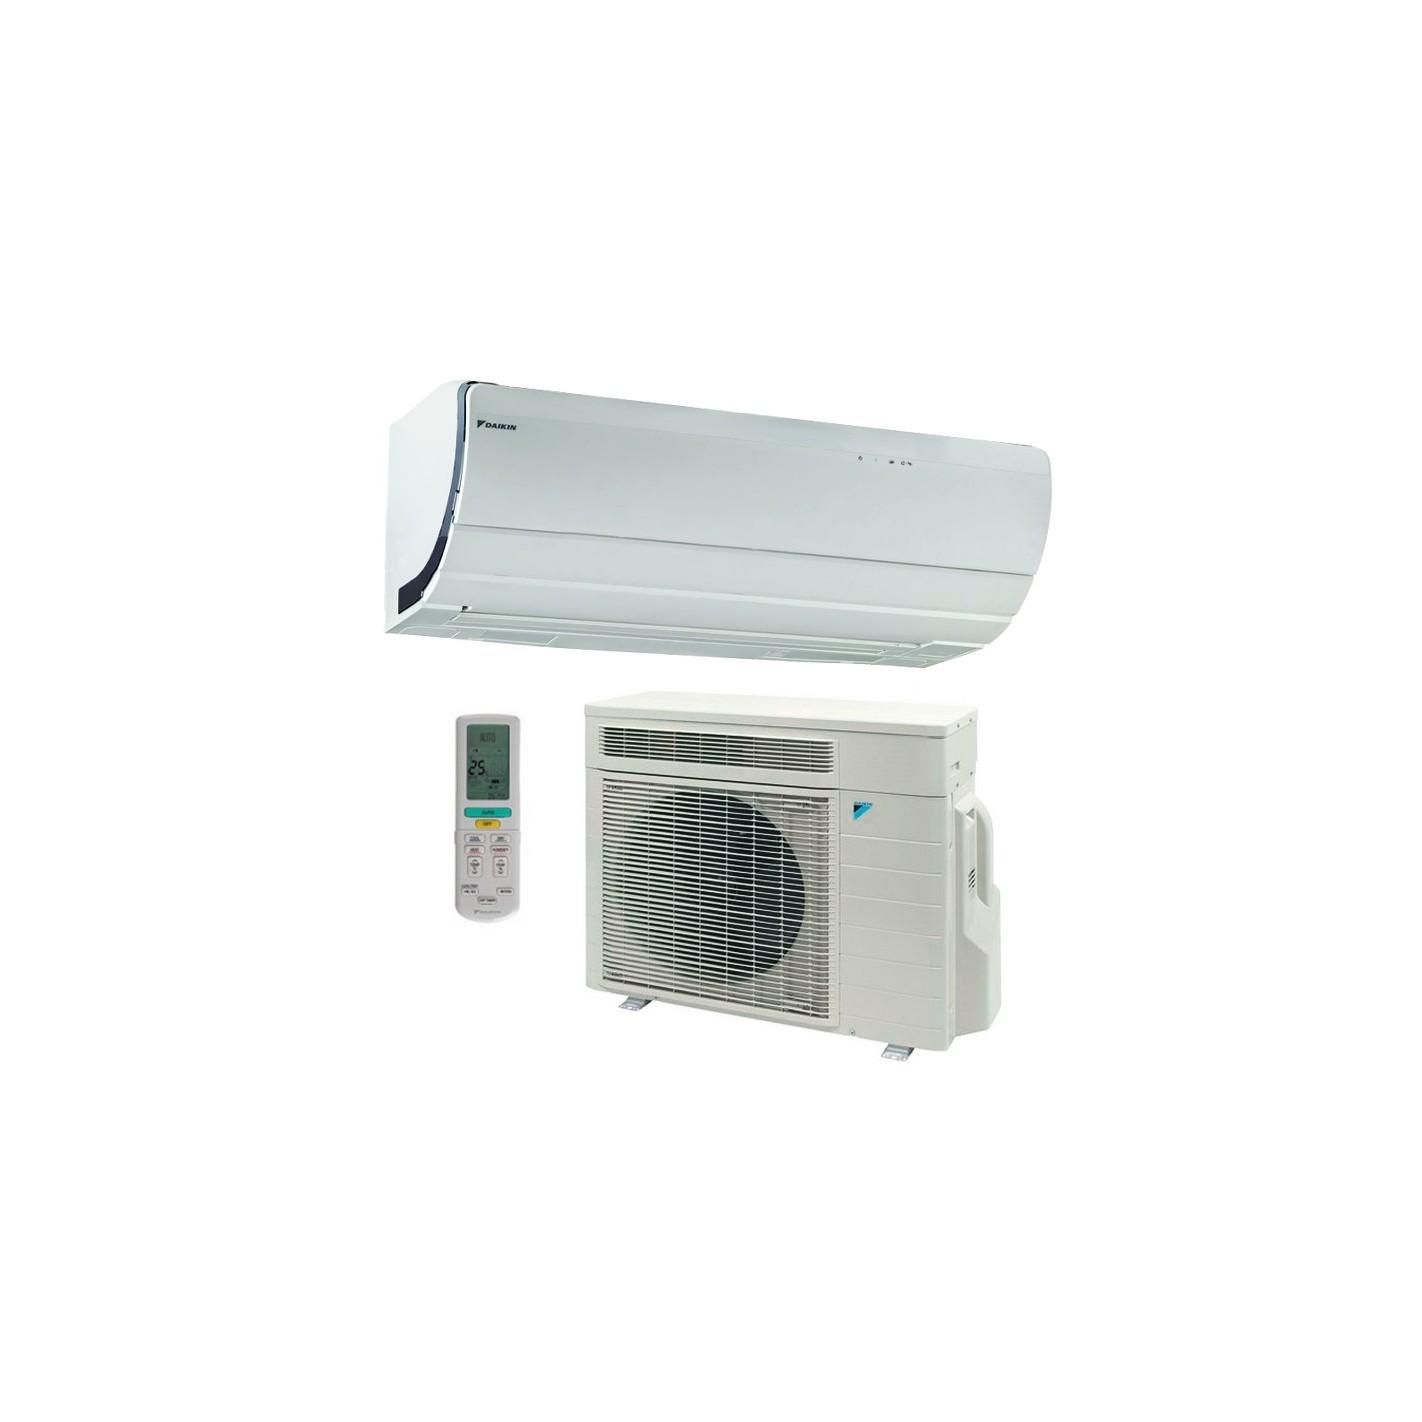 Aire acondicionado daikin txz50n compra online for Aire acondicionado por conductos opiniones